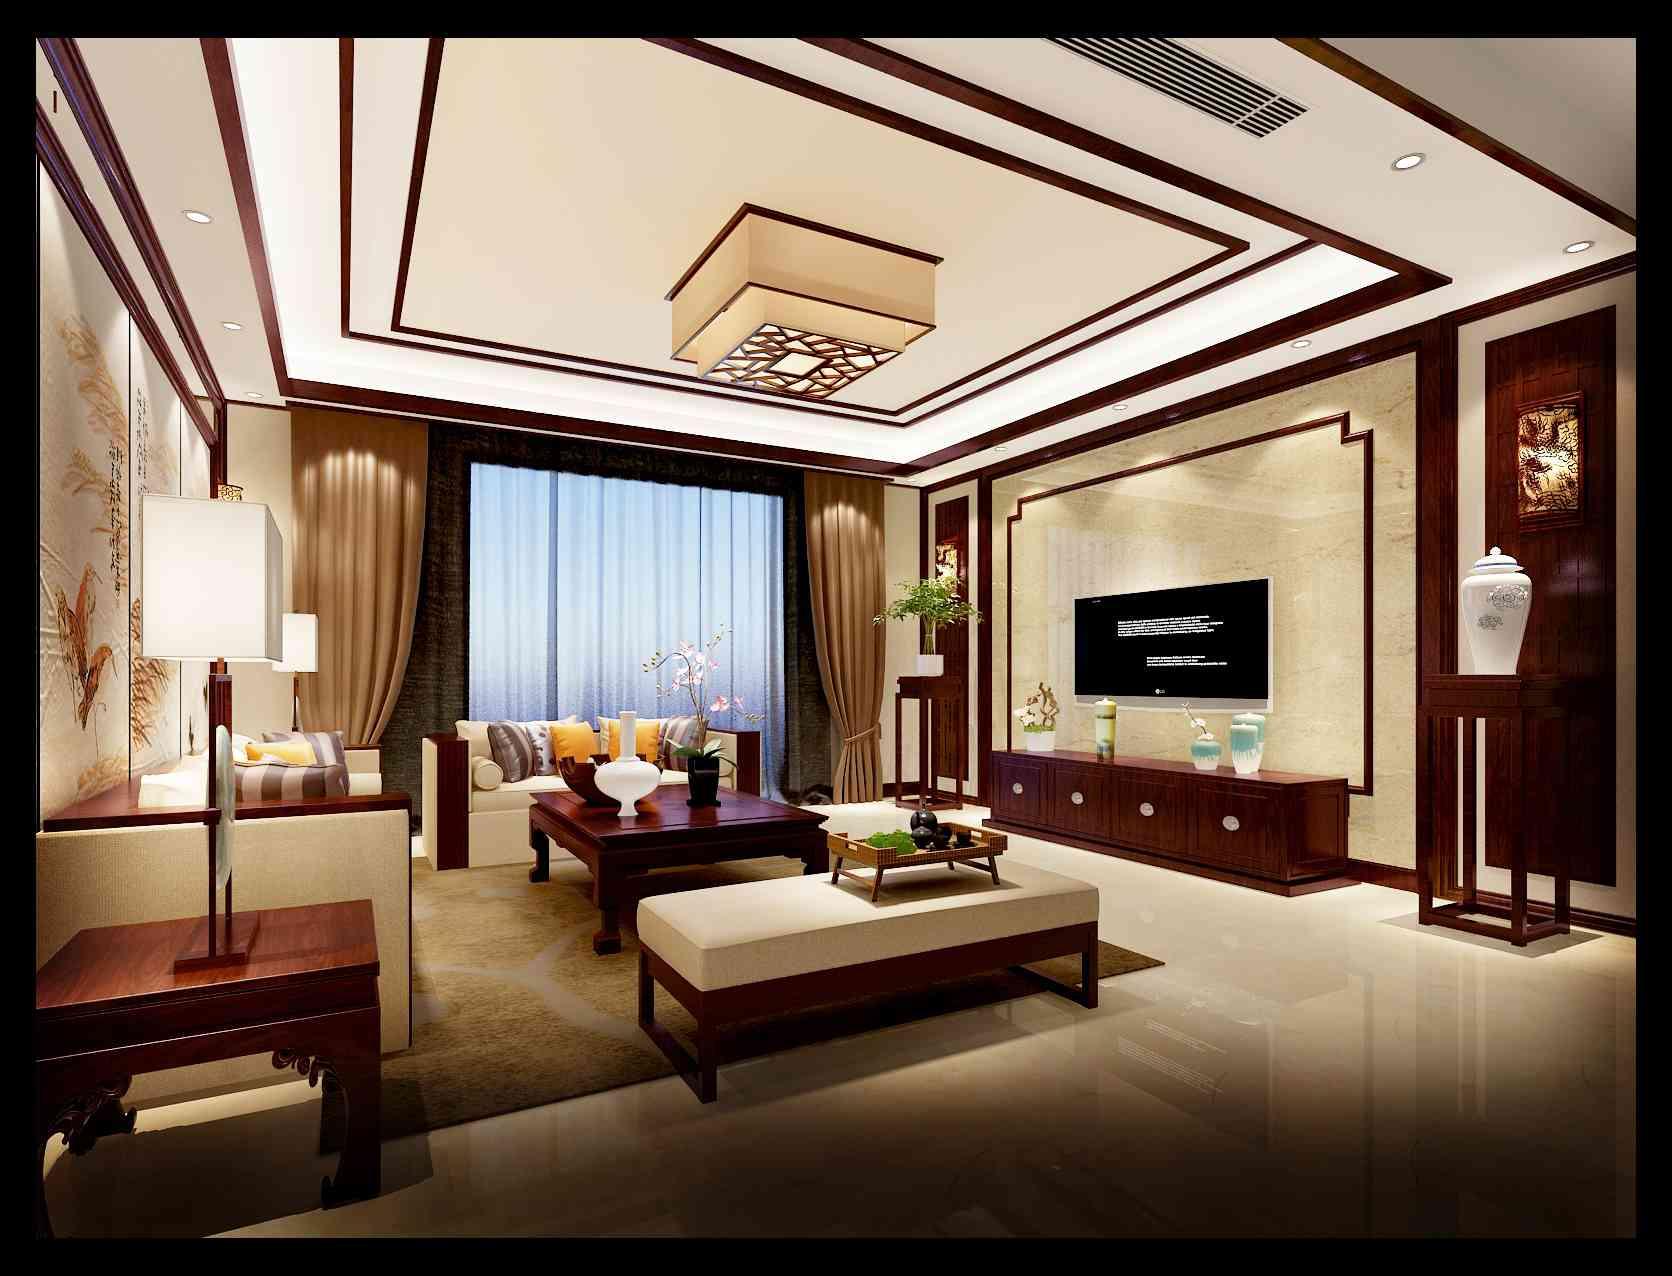 红霞新村 别墅 中式古典